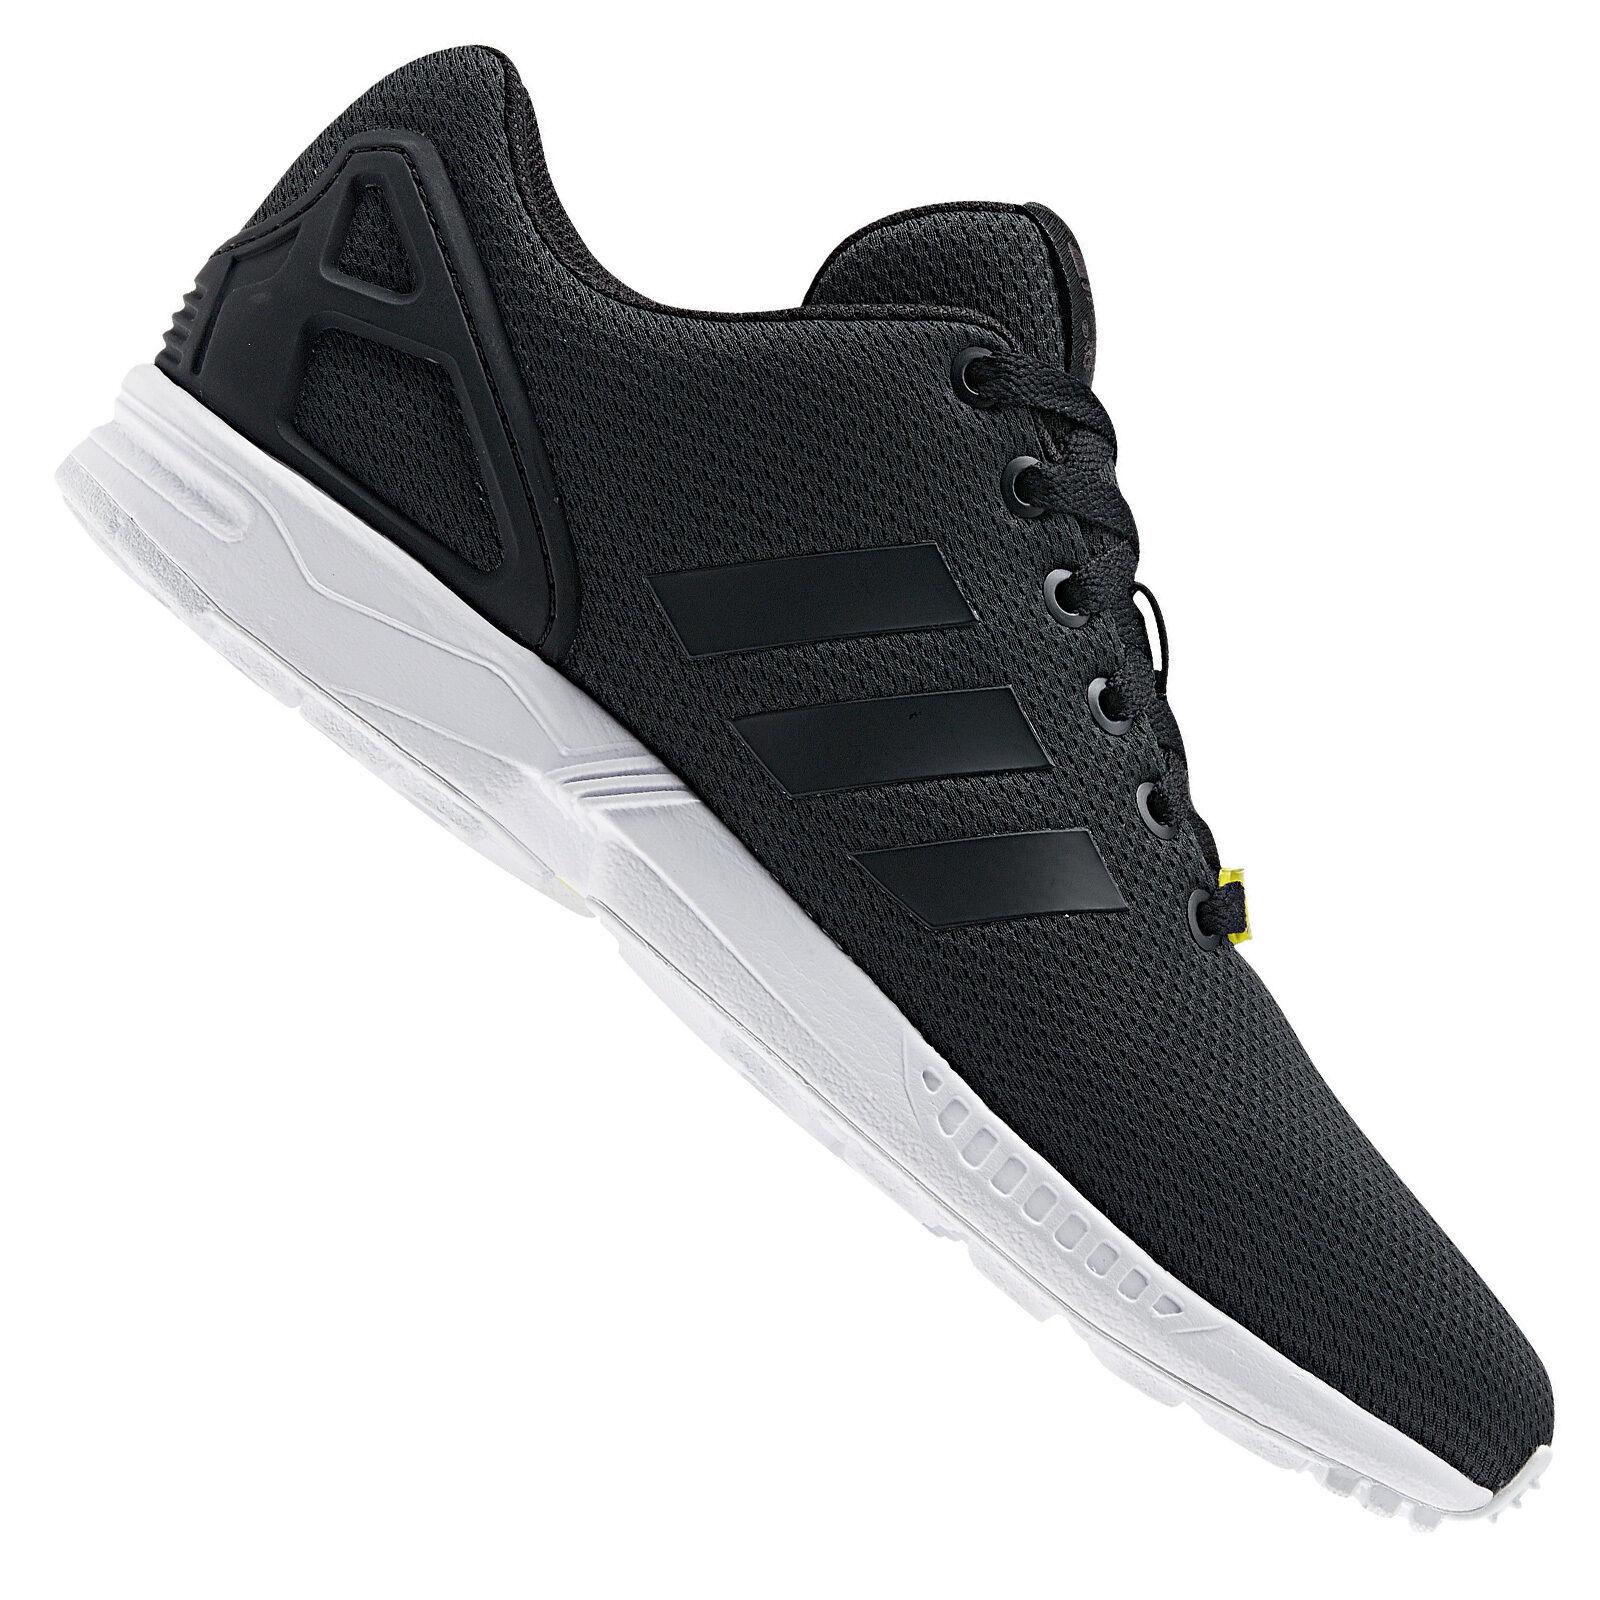 Adidas Originals Zx Flux Zapatillas Deportivas Zapatos Zapatos Deportivas Botas Deportes Negro 47629d